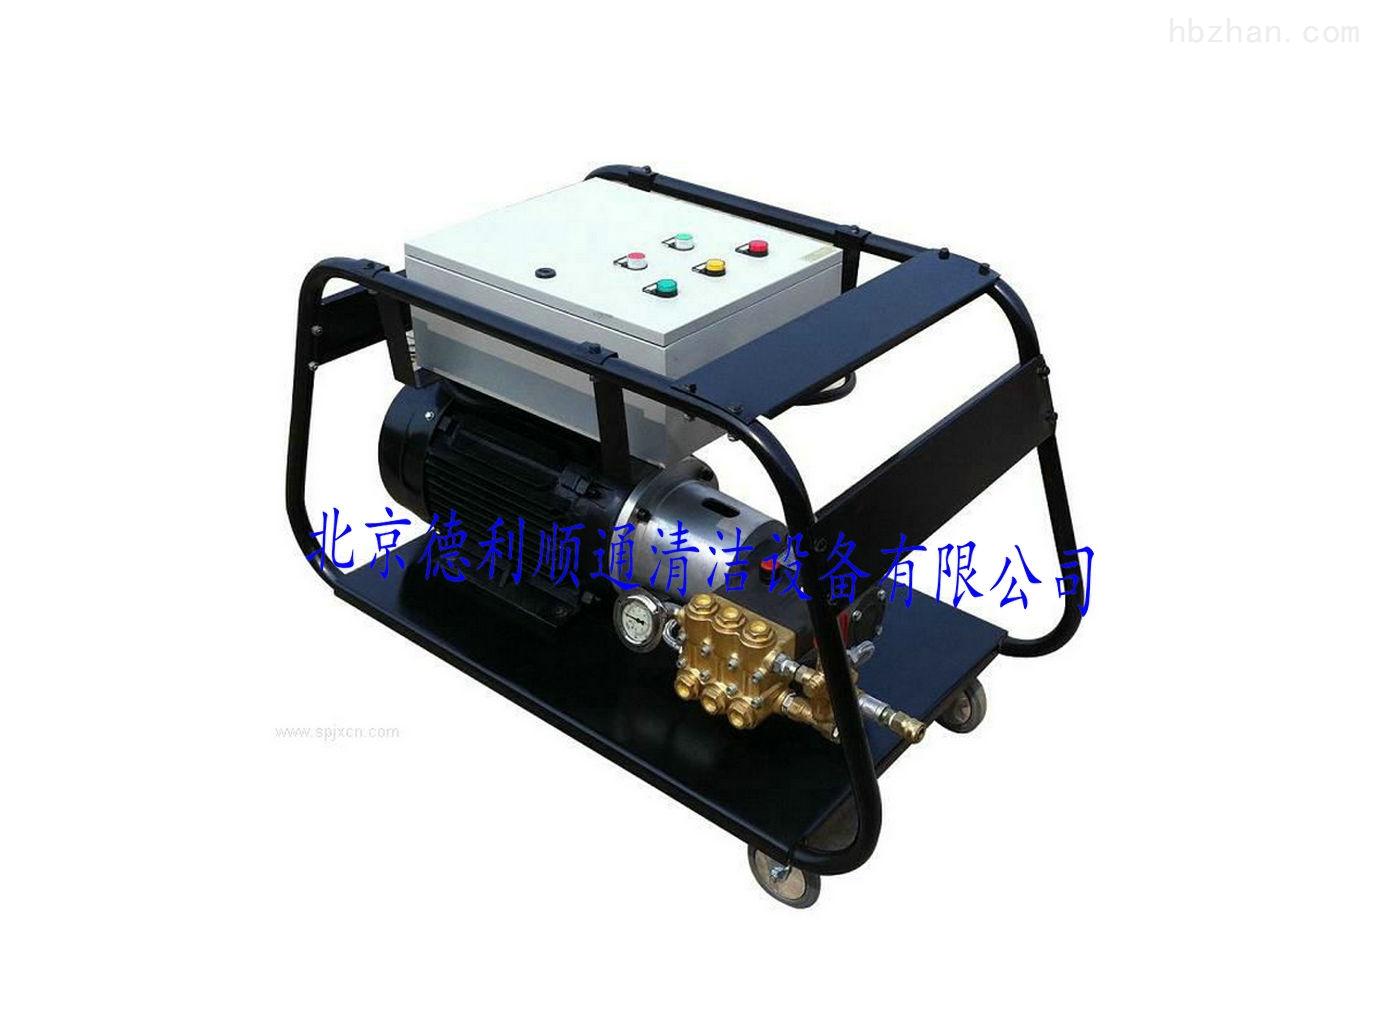 小型电驱动高压清洗机DL2141